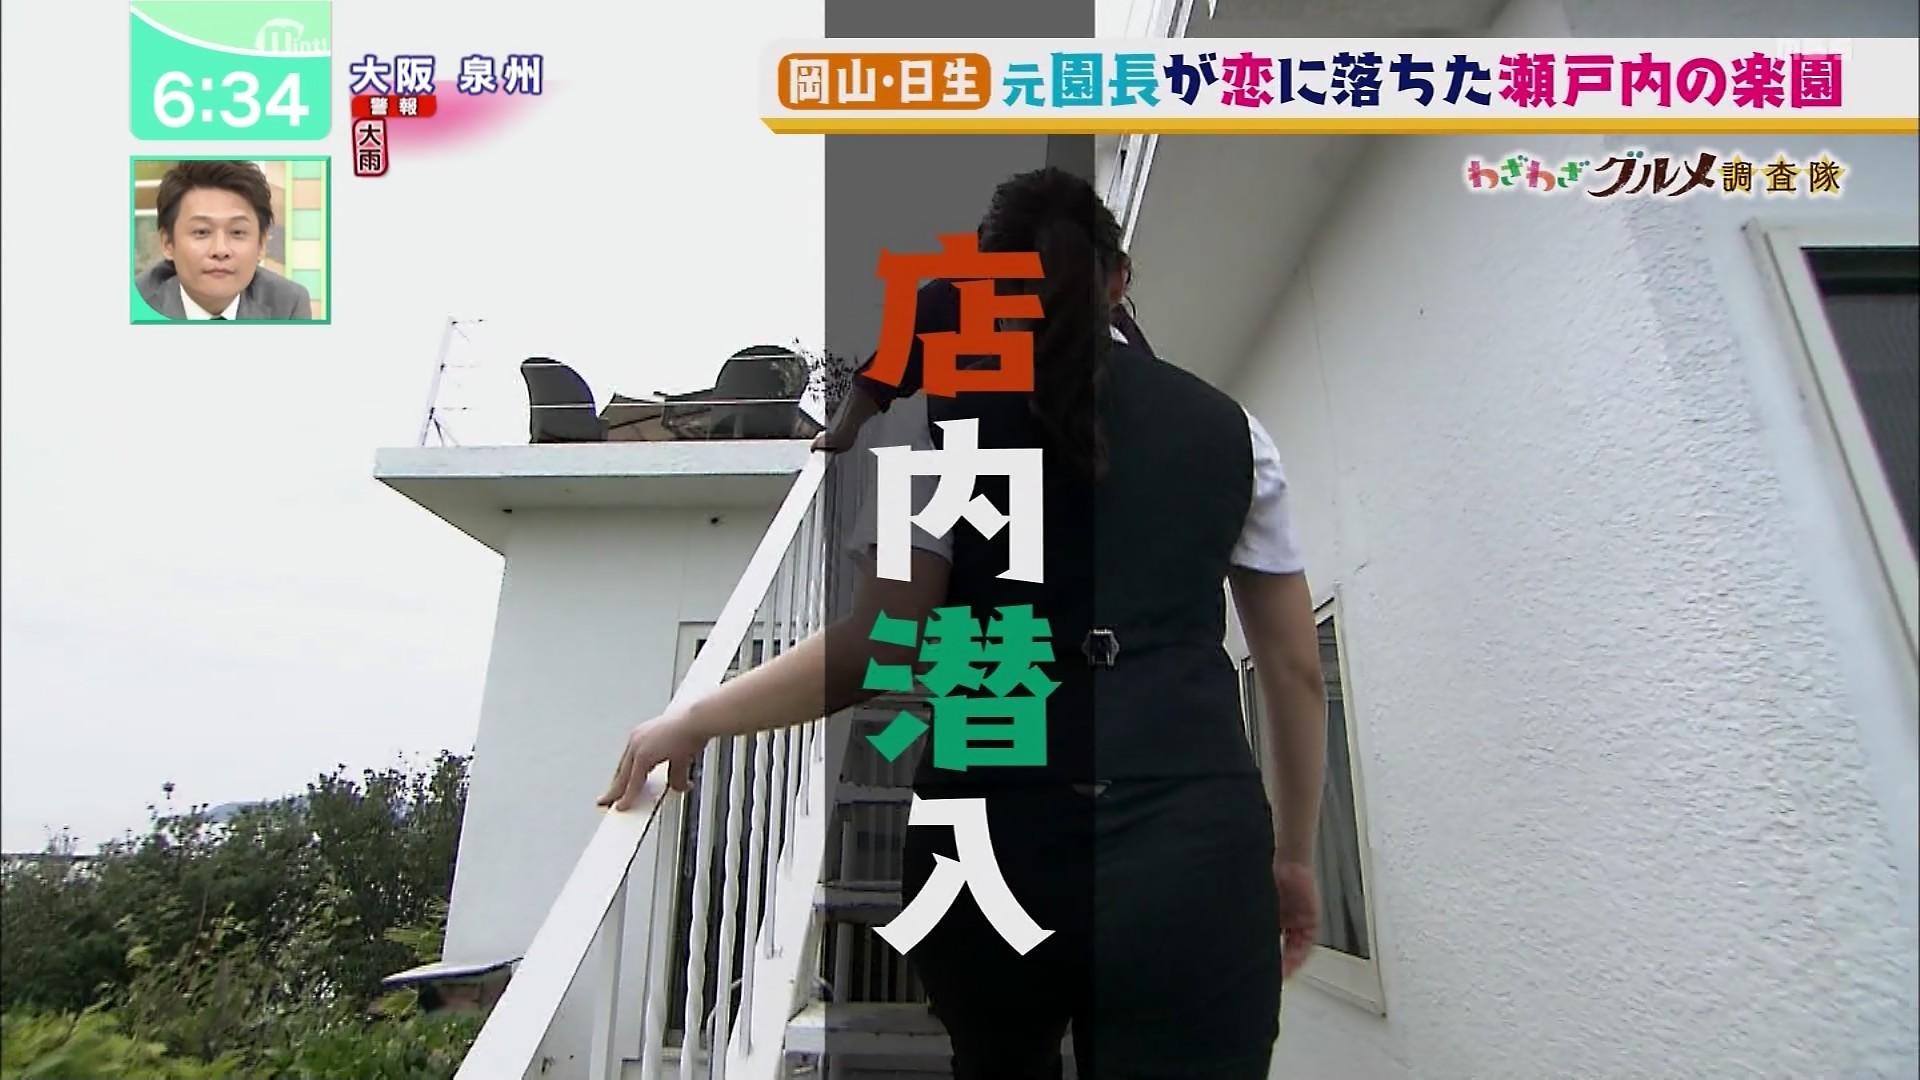 2019年9月4日のMBS「ミント!」出演・辻沙穗里さんの画像-021